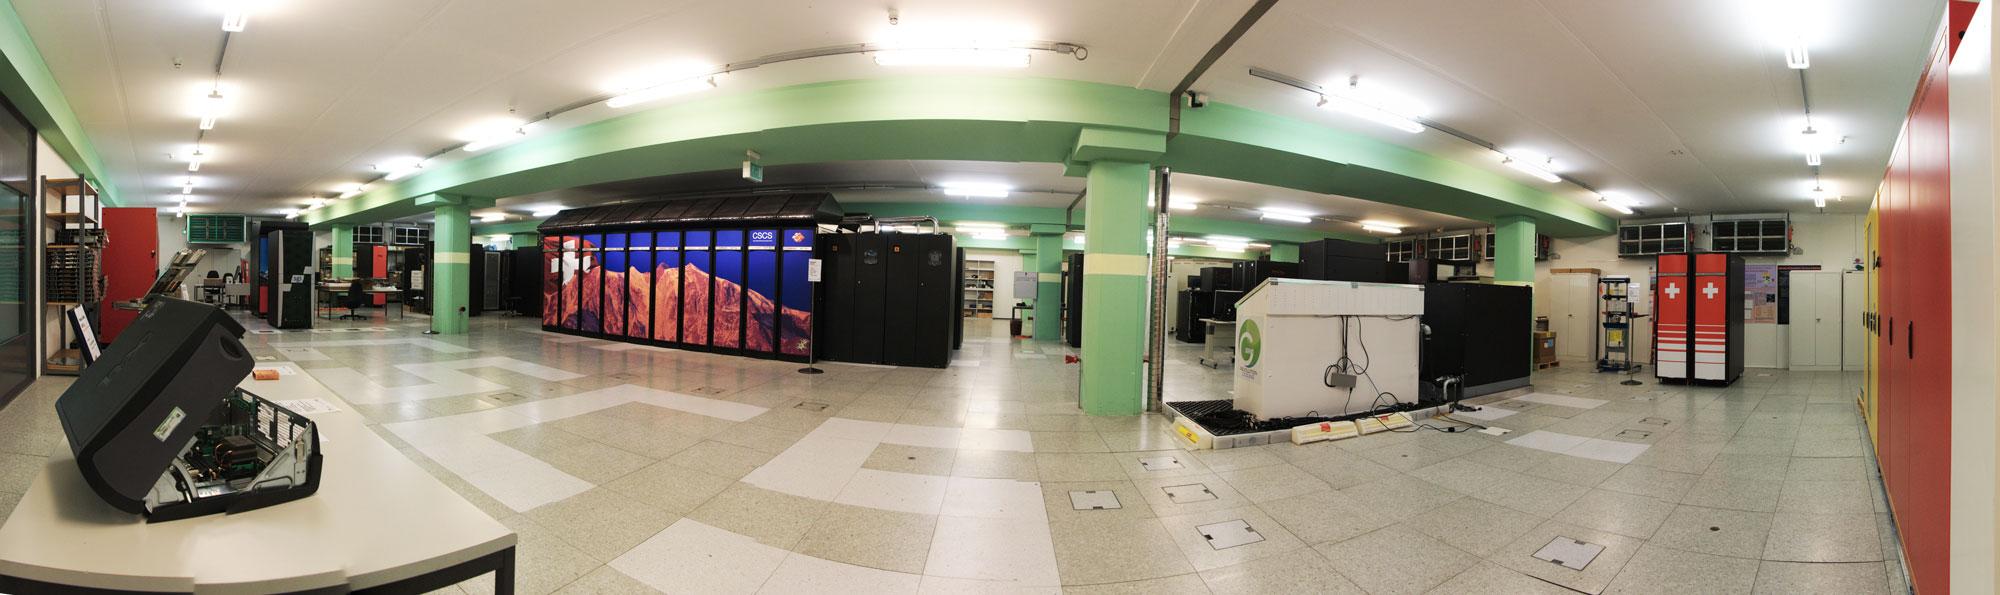 Computer Room CSCS